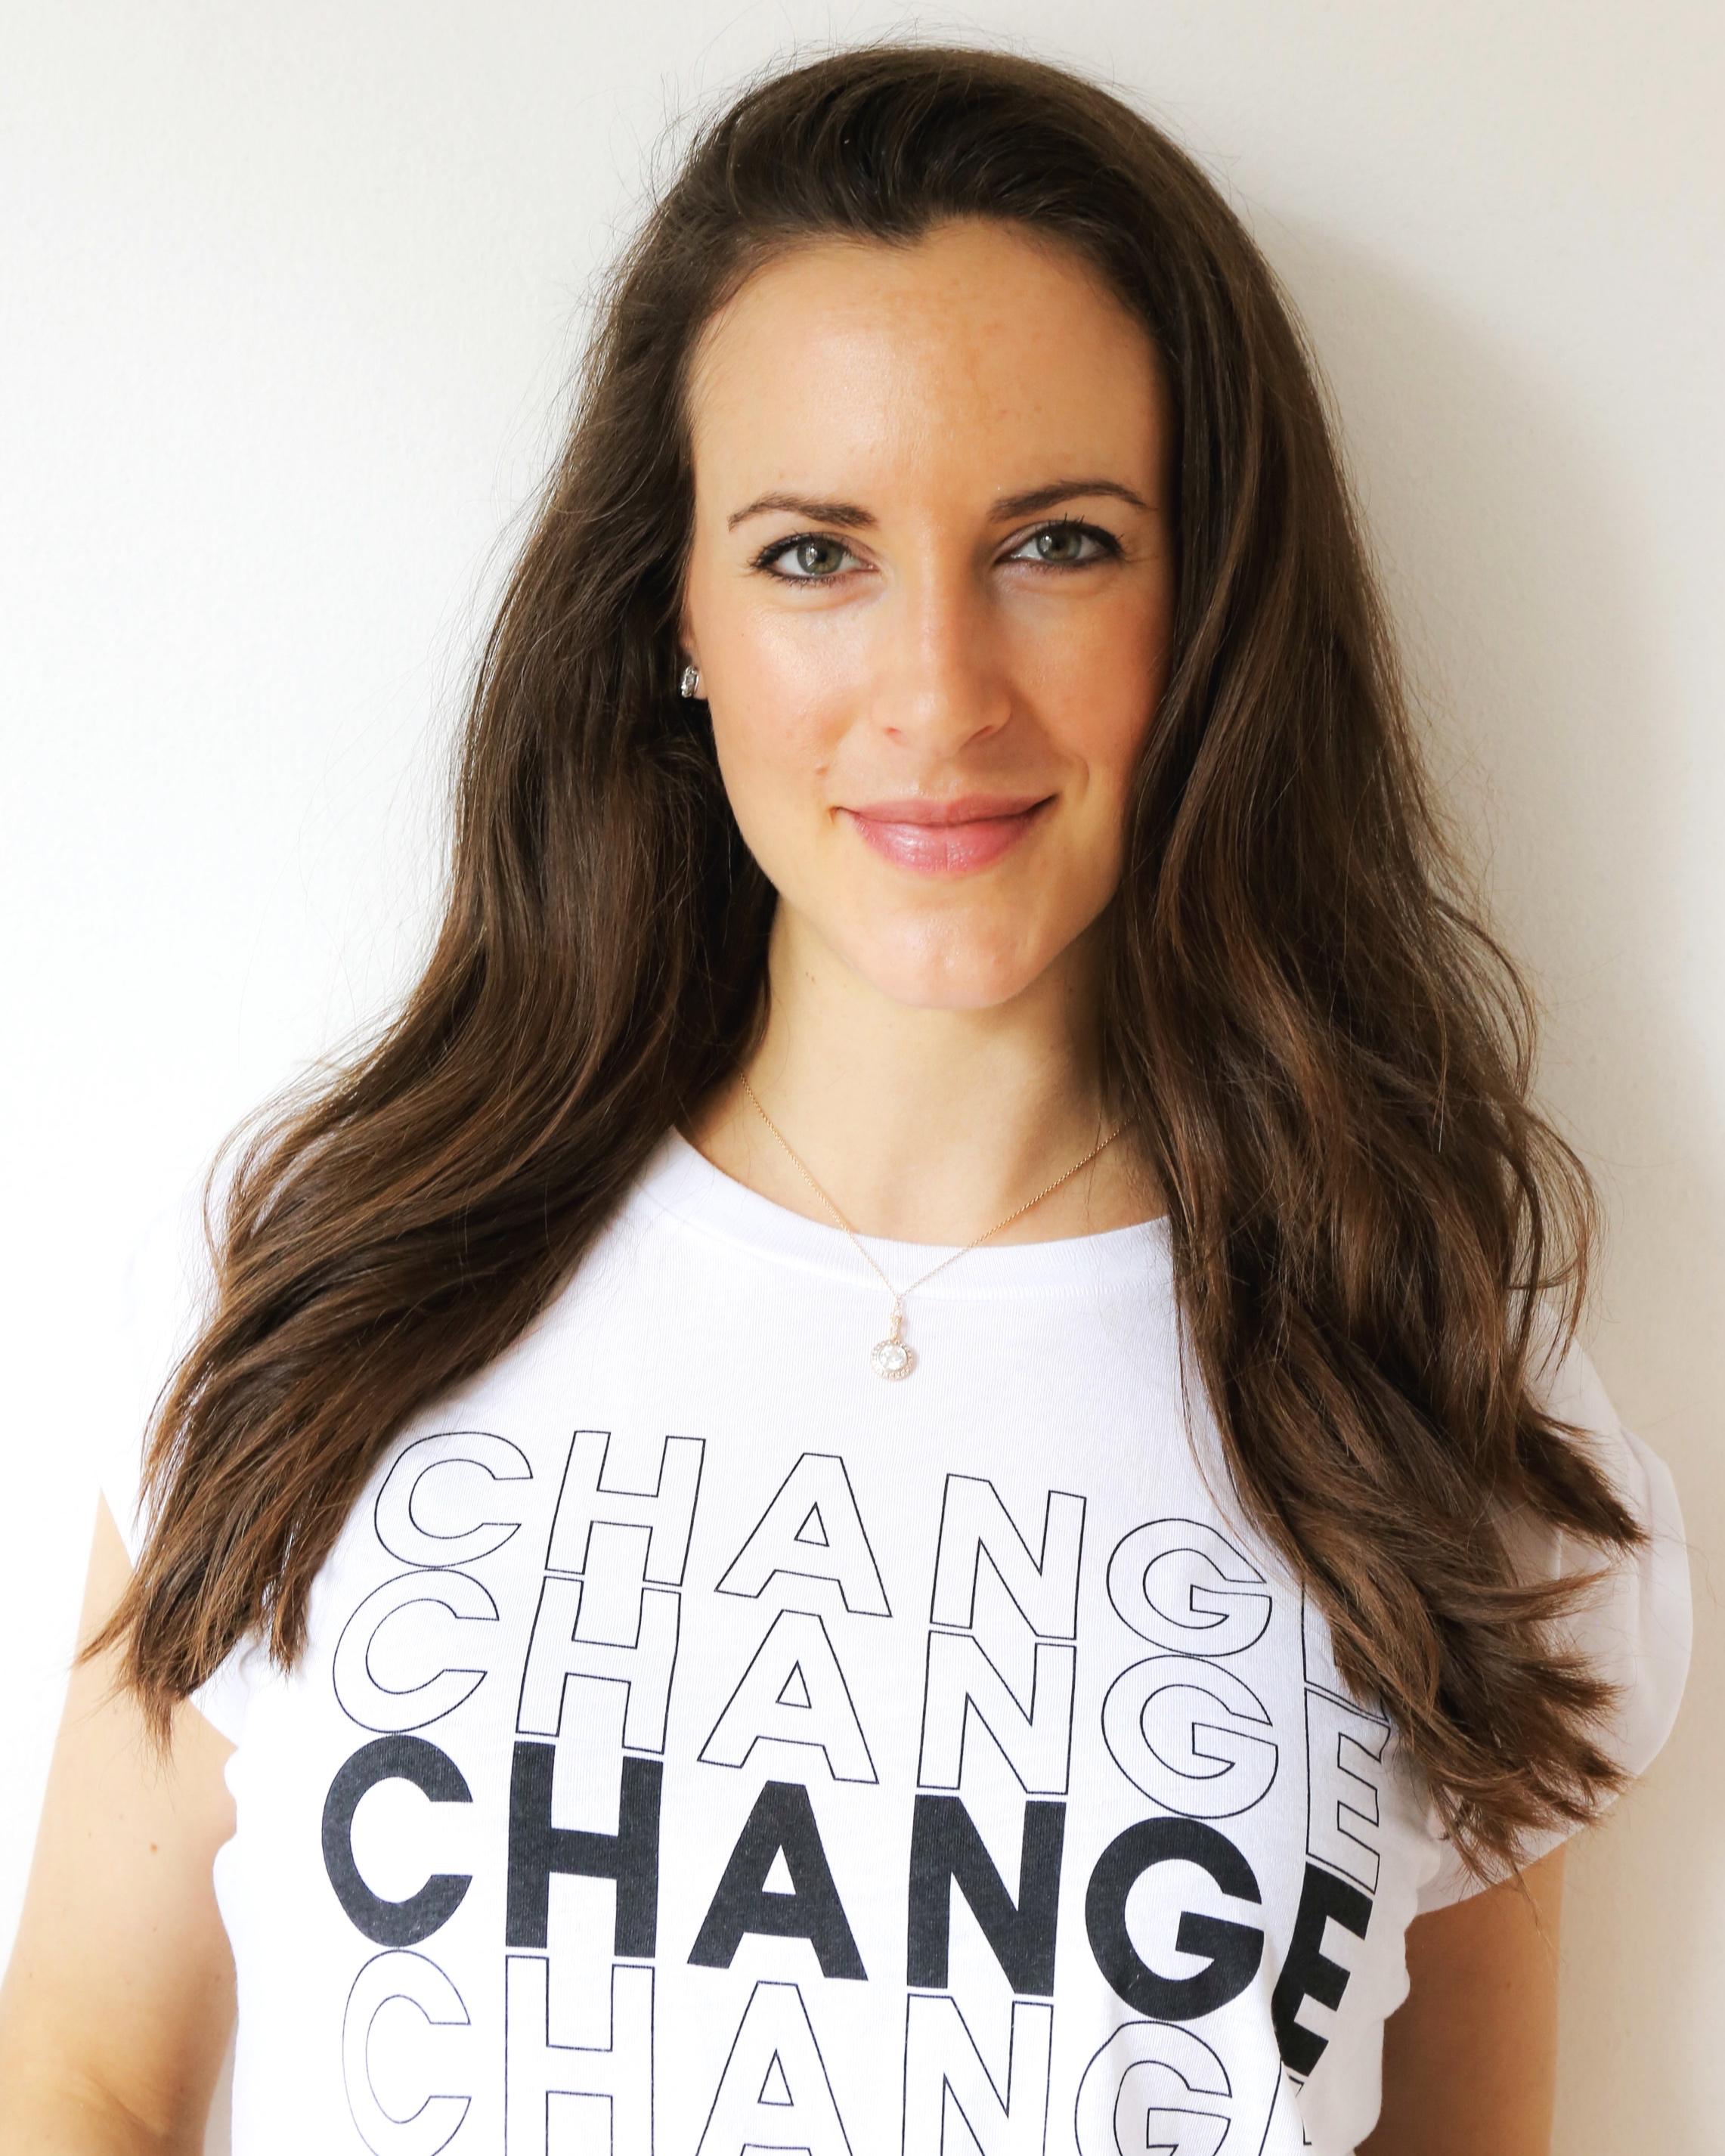 Photo by    Alexis Mera   . Shirt design by    Erin Halper   .